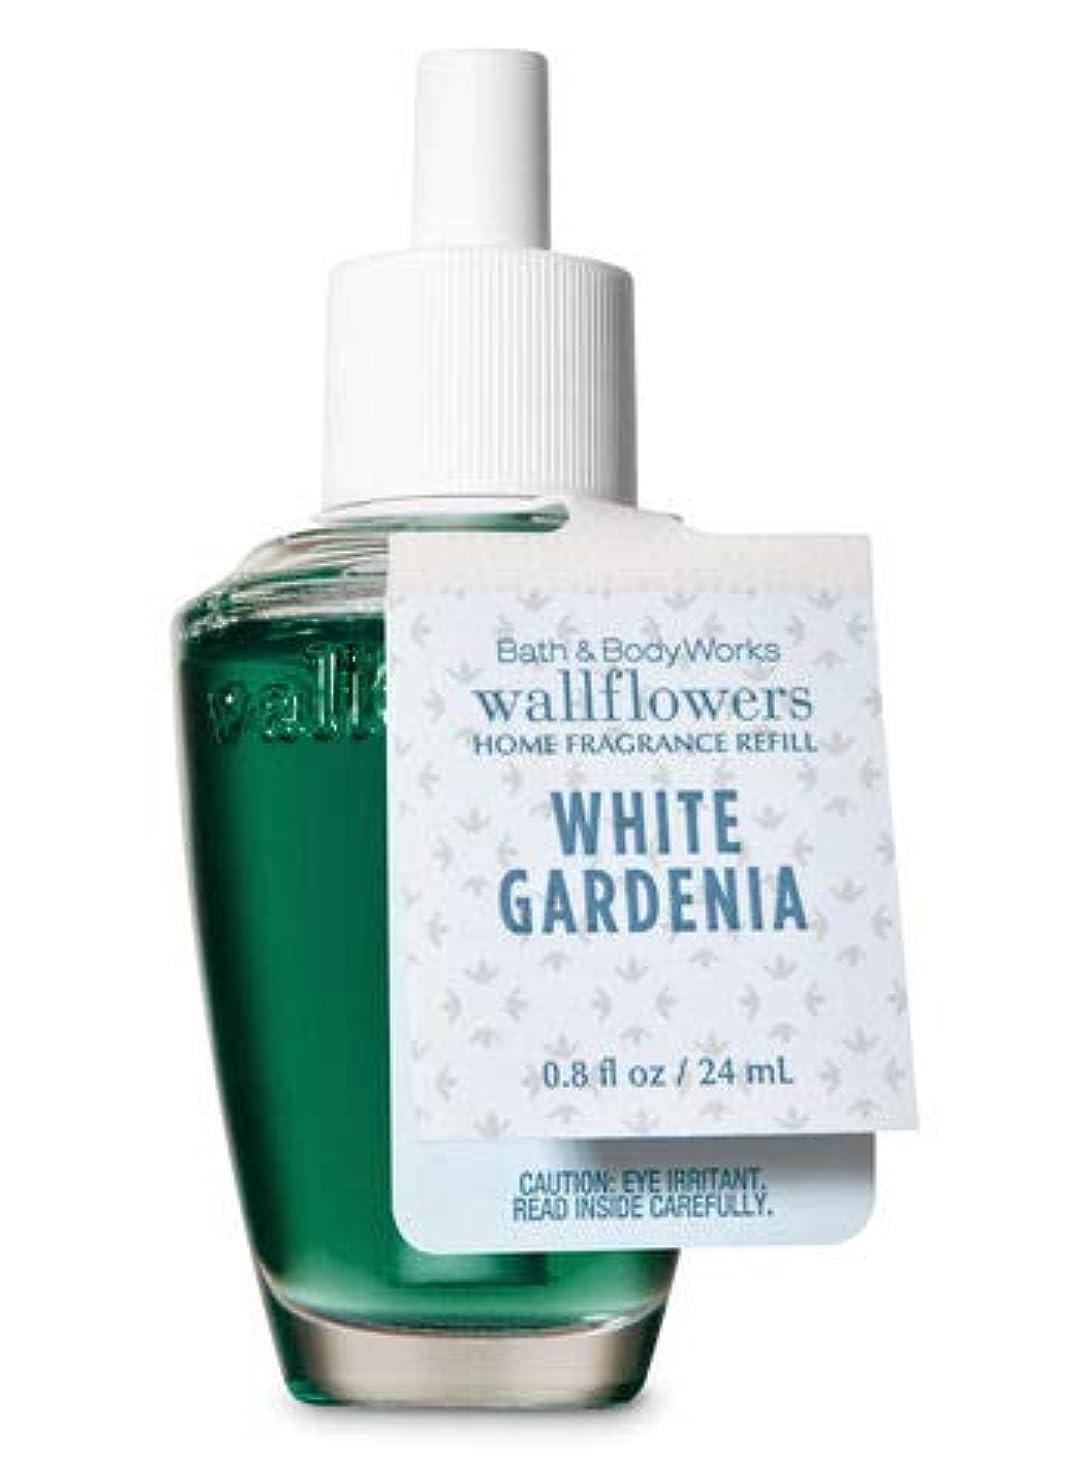 観察妨げるコメンテーター【Bath&Body Works/バス&ボディワークス】 ルームフレグランス 詰替えリフィル ホワイトガーデニア Wallflowers Home Fragrance Refill White Gardenia [並行輸入品]